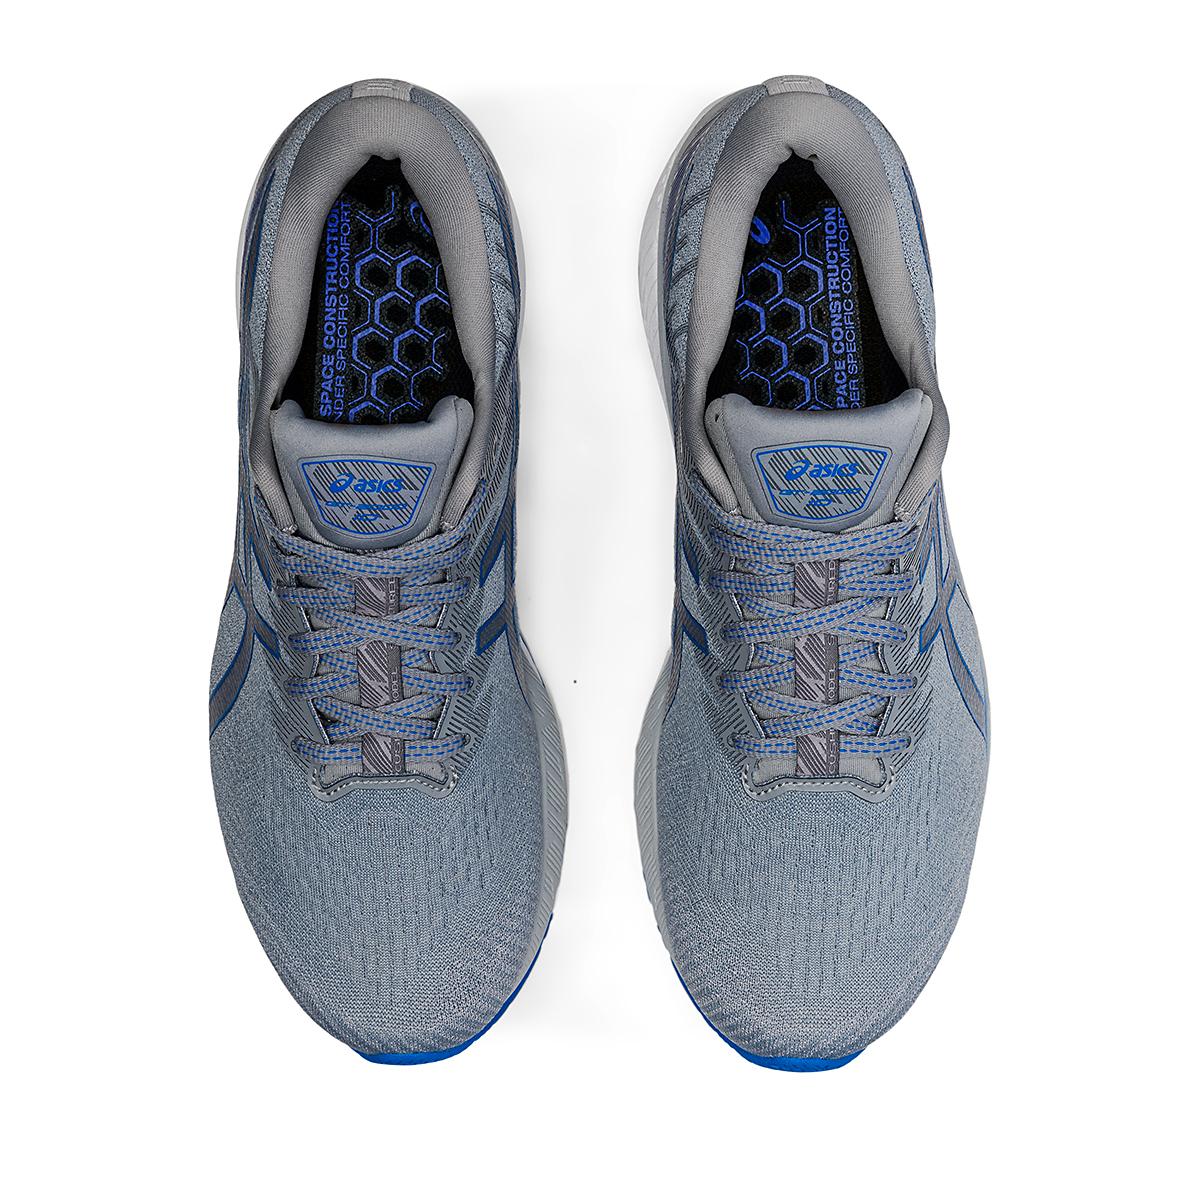 Men's Asics GT-2000 10 Running Shoe - Color: Sheet Rock/Electric Blue - Size: 7 - Width: Wide, Sheet Rock/Electric Blue, large, image 6